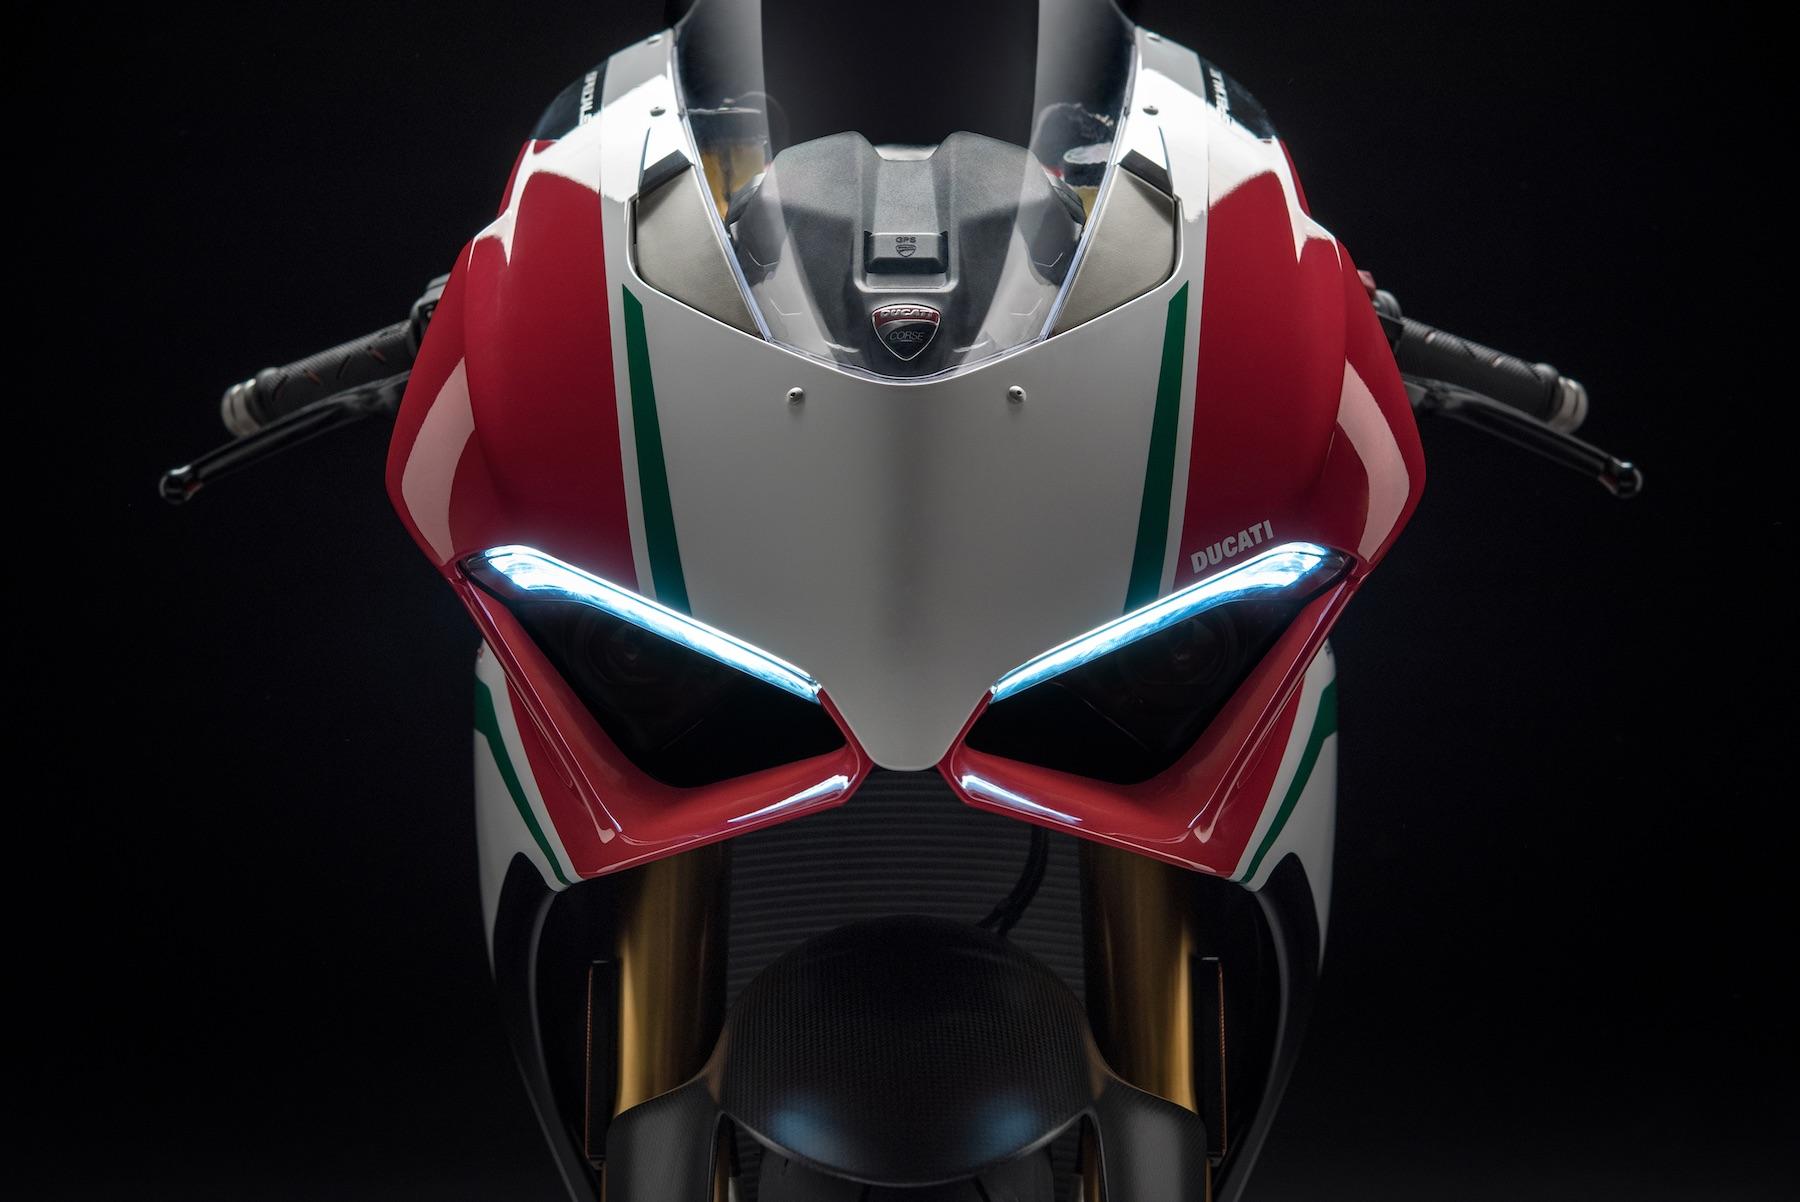 Ducati Panigale V4 Speciale, torrente de sensaciones con 226 CV y 164 Kg